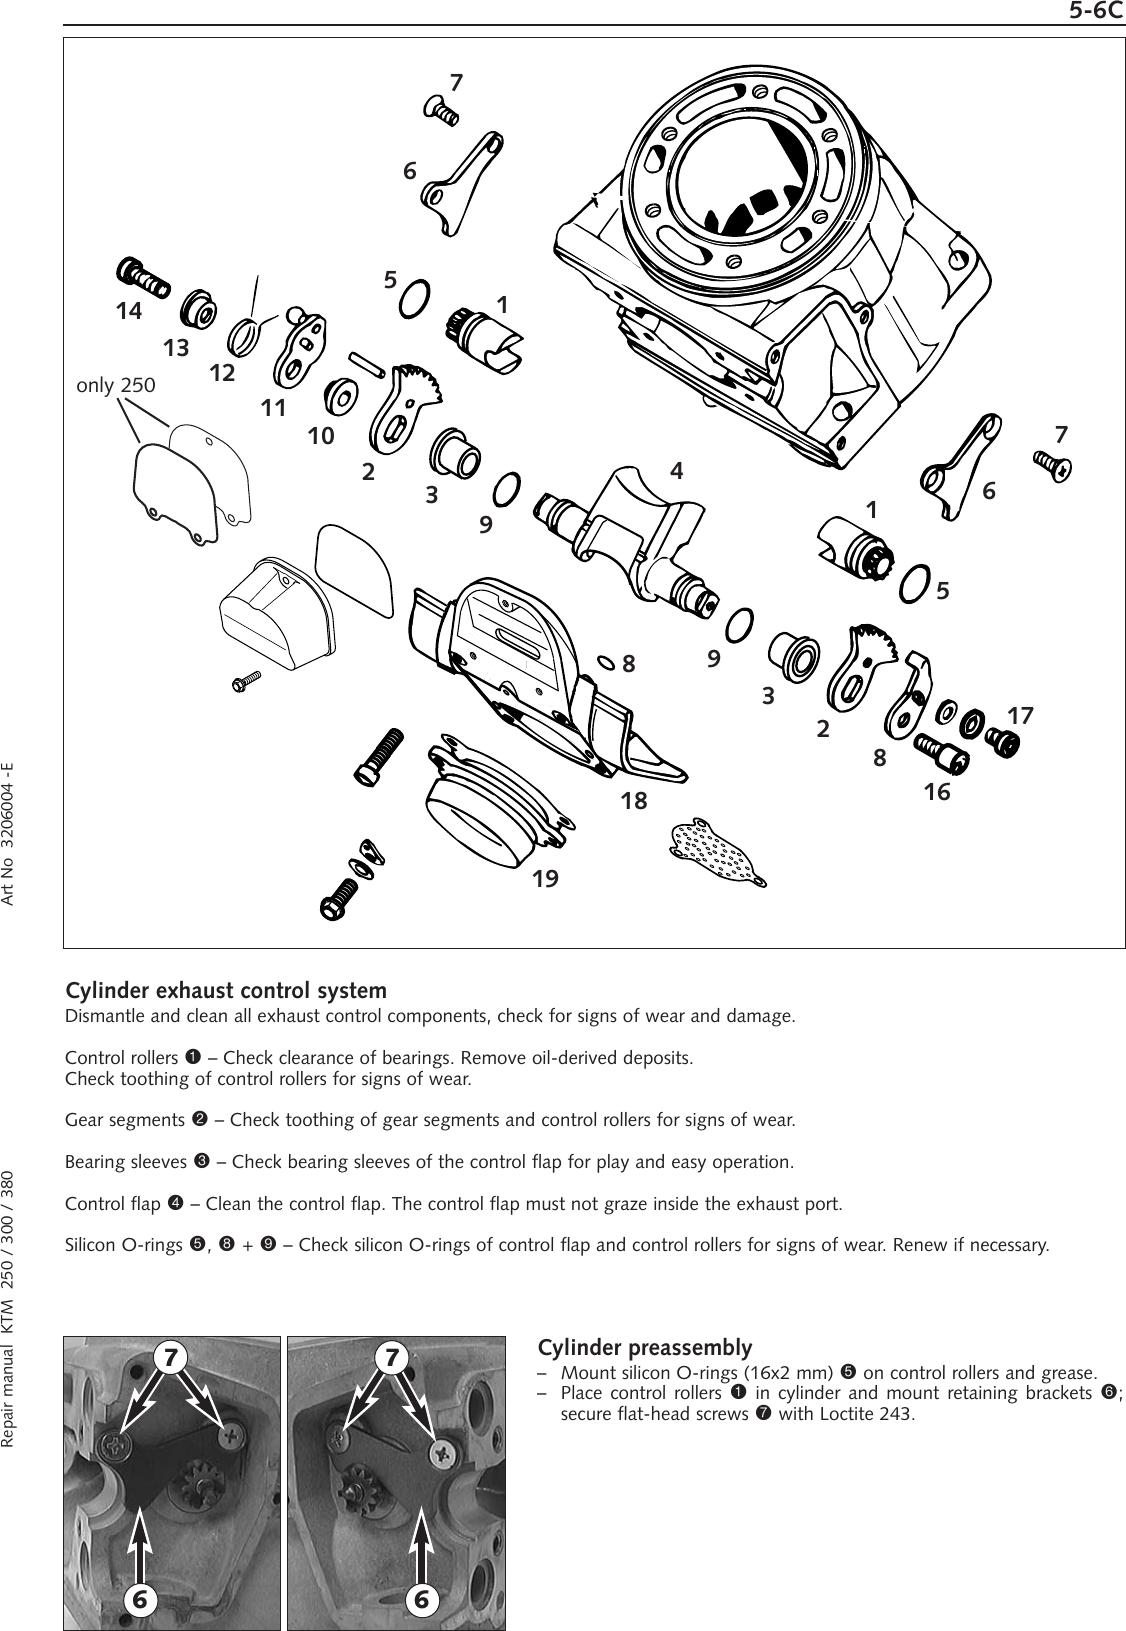 Ktm Ktm250 Sx Users Manual RA_250/380EXC_03_E